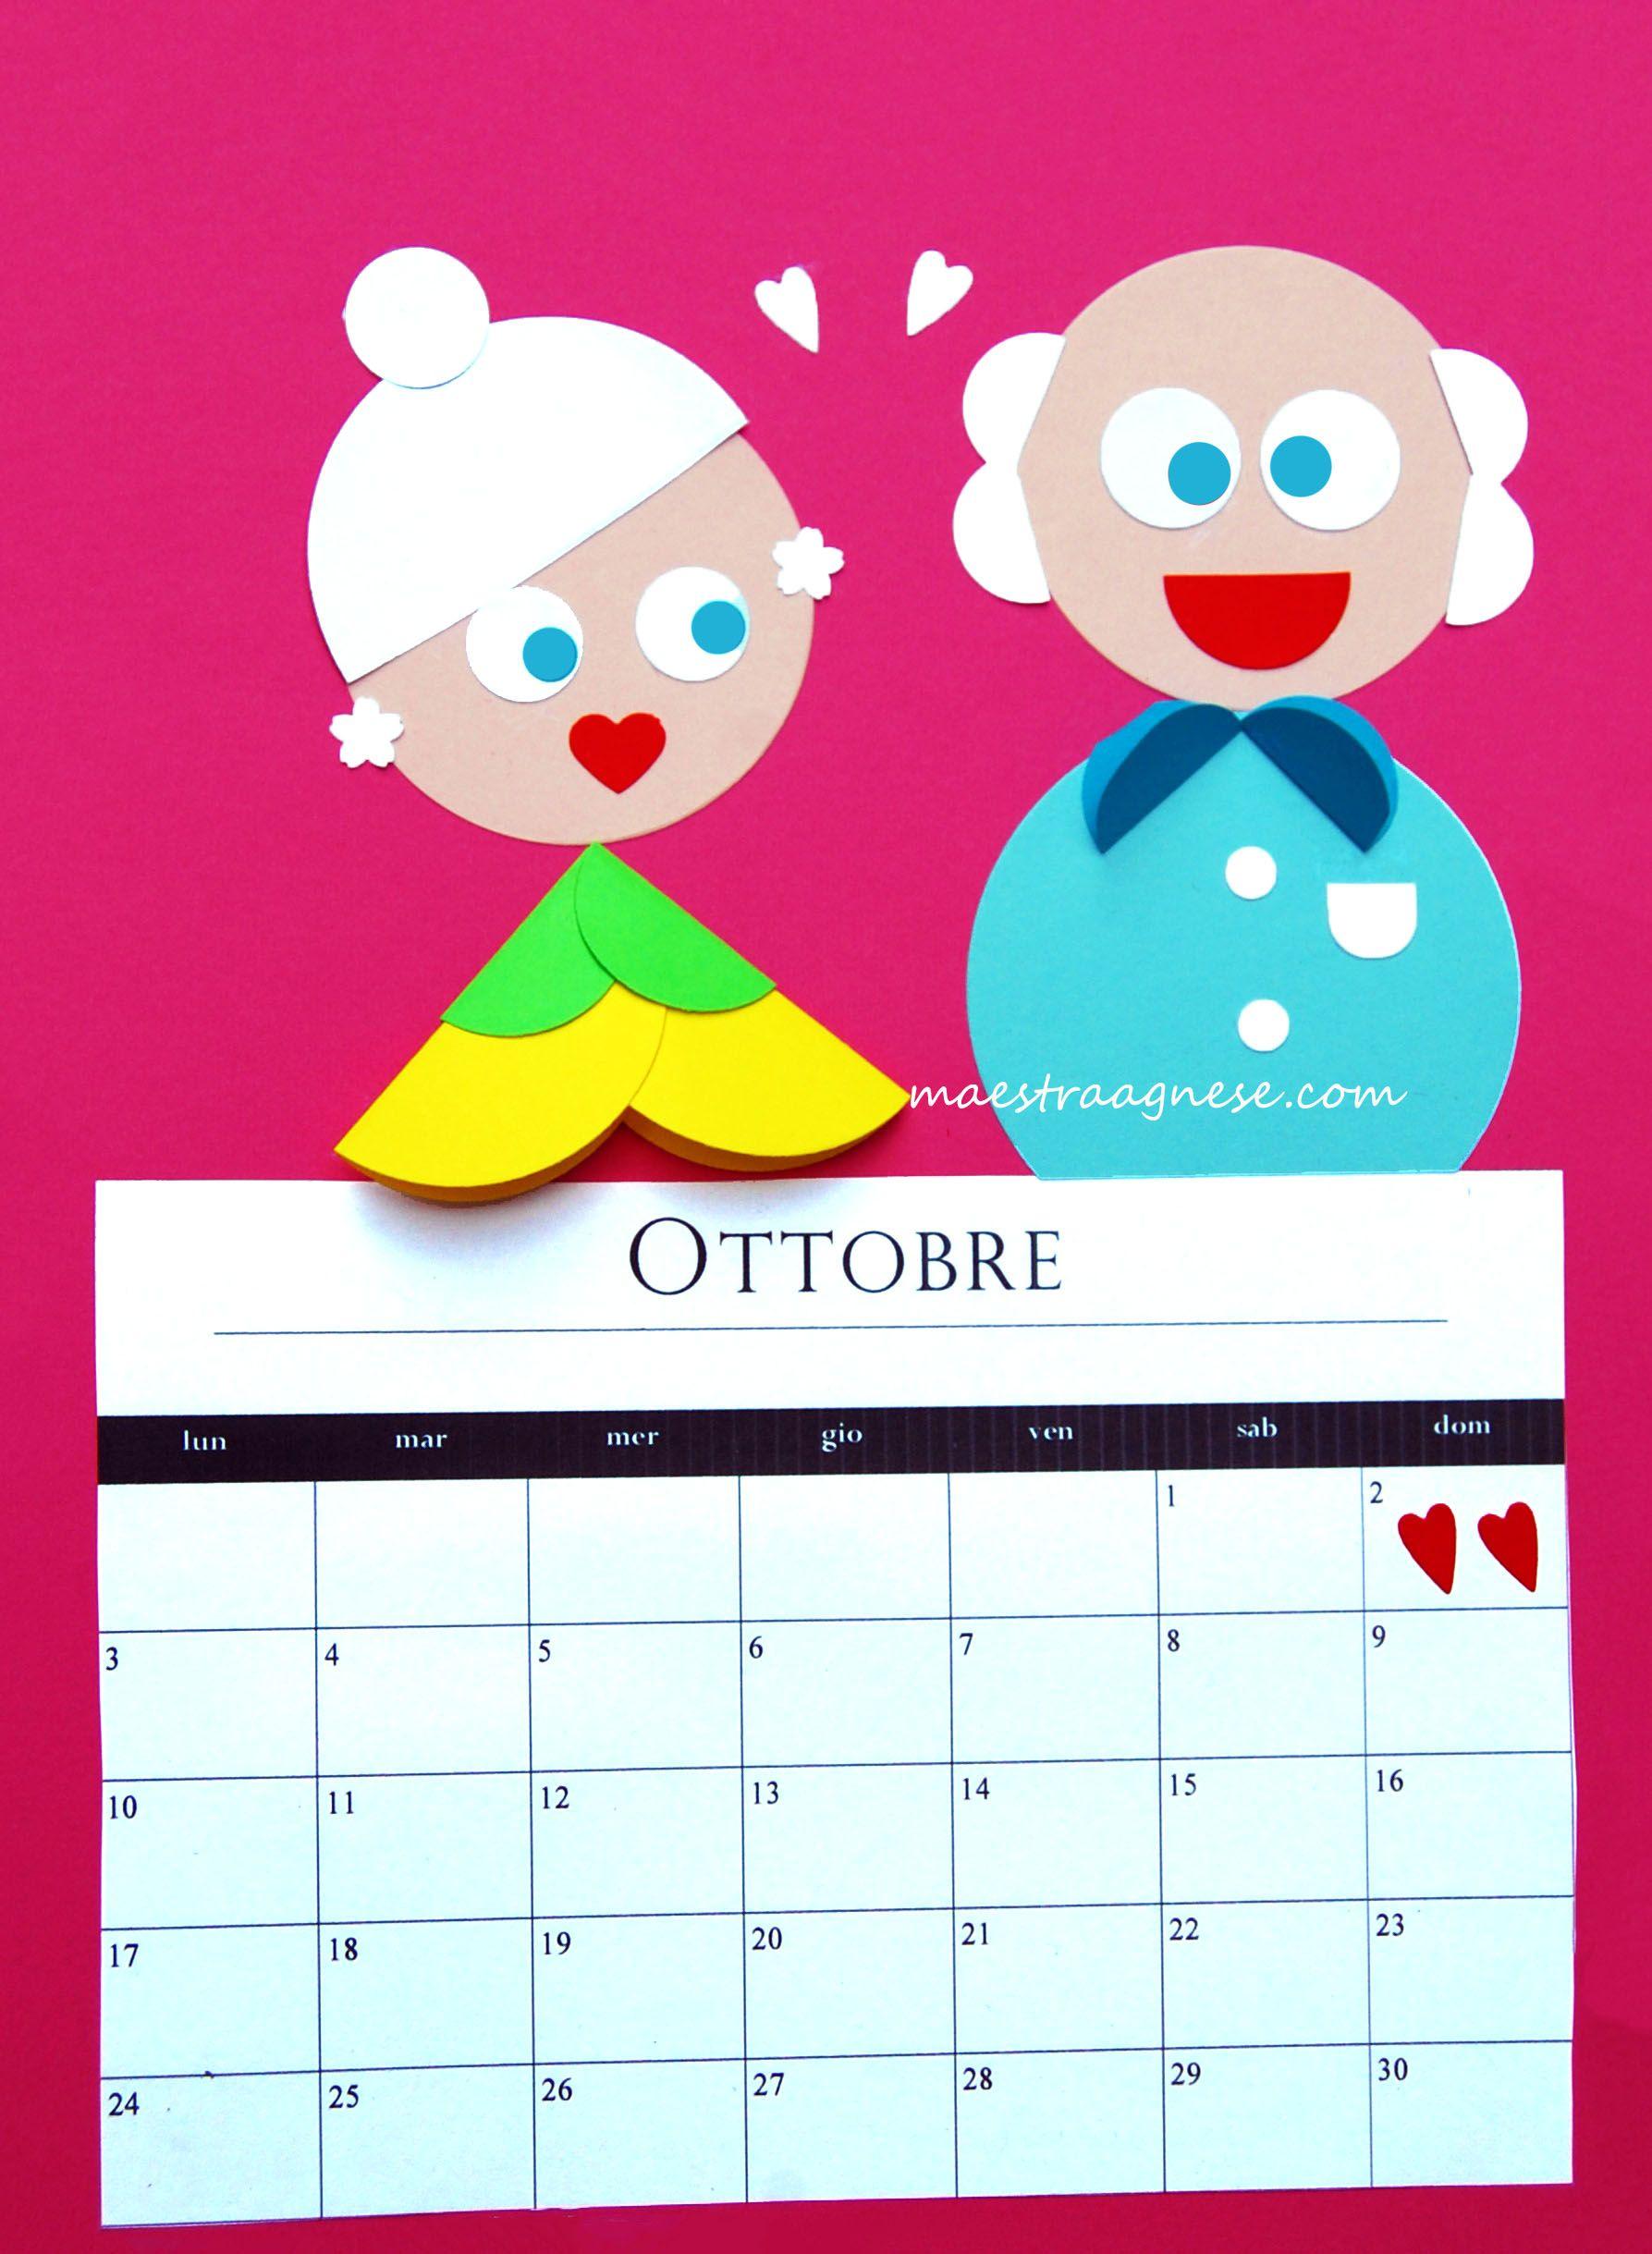 Calendario Festa Dei Nonni.Lavoretto Per La Festa Dei Nonni Lavoretti Per La Festa